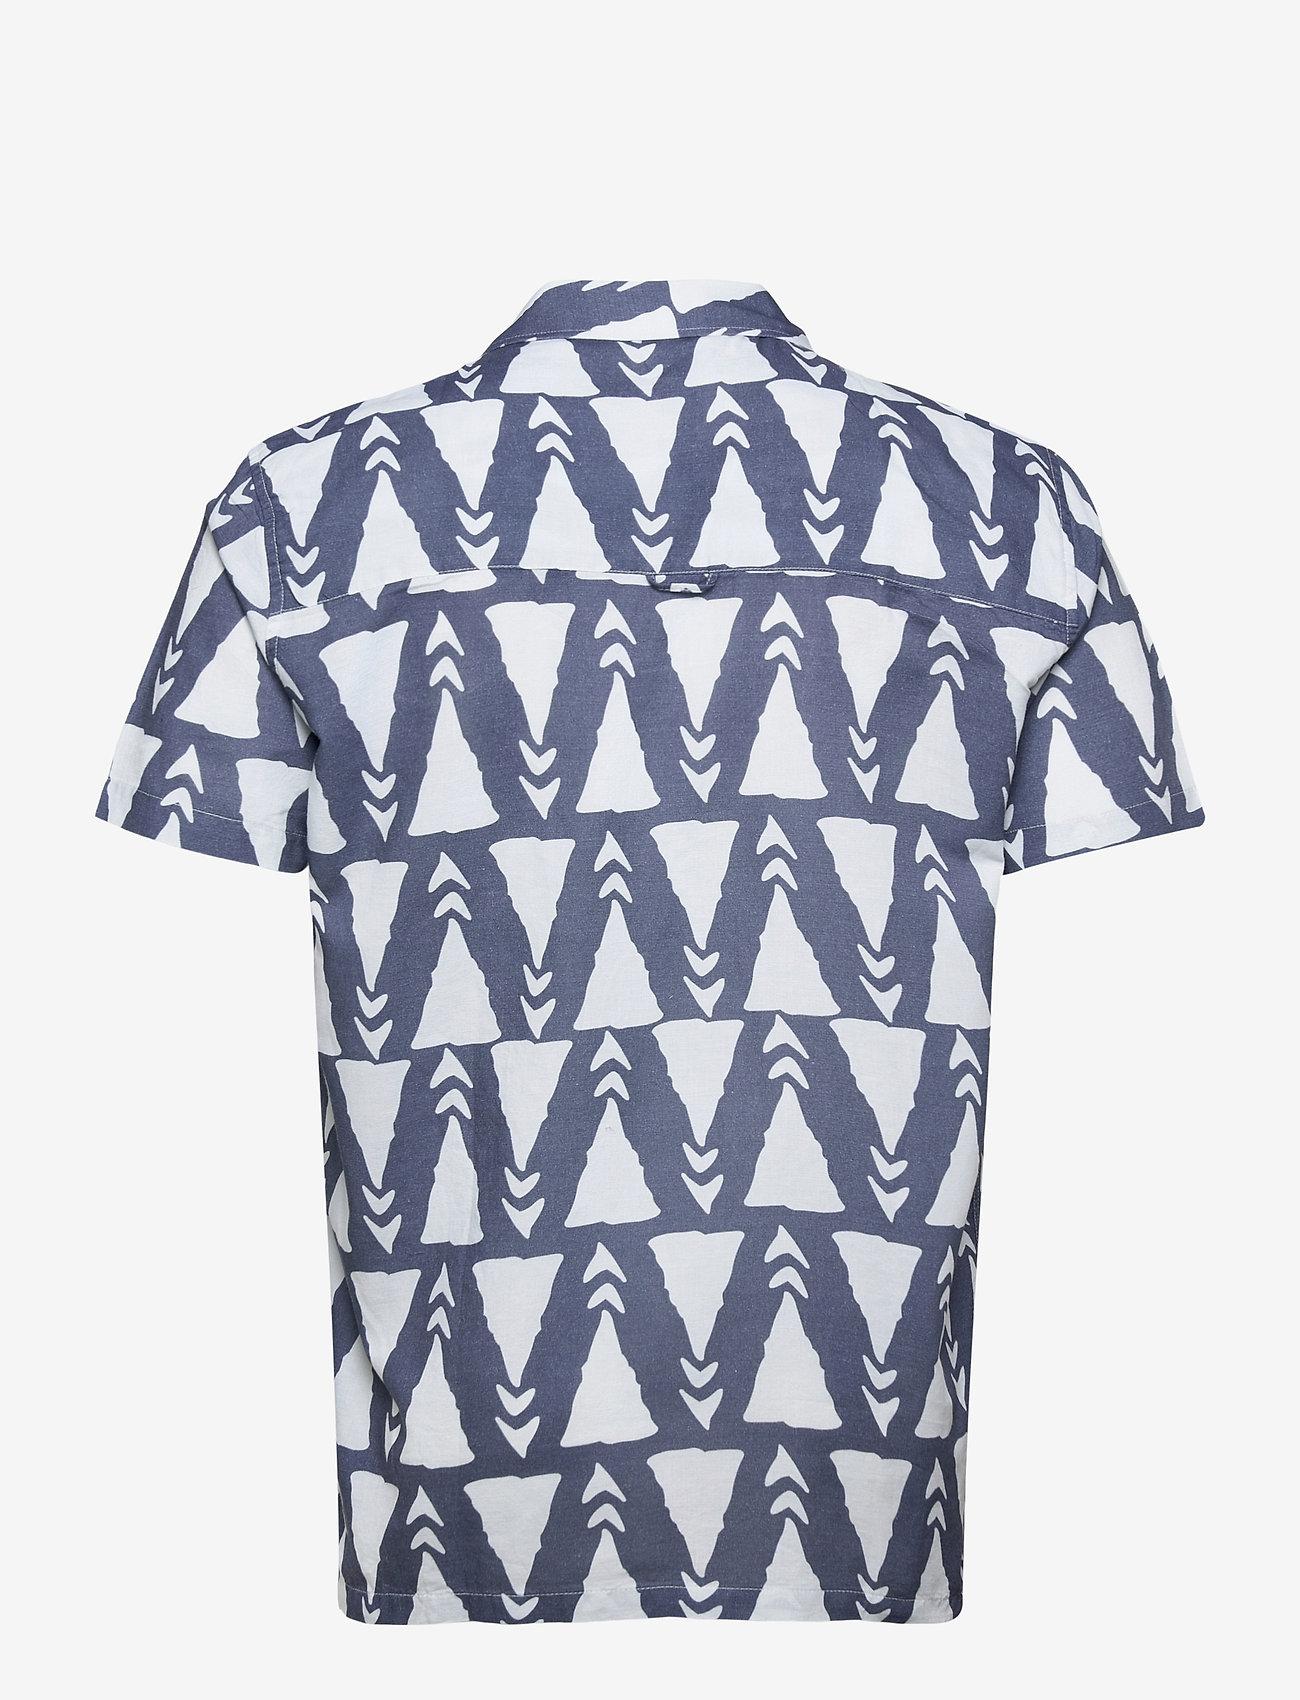 Far Afield - Selleck S/S Shirt (Trails) - chemises à carreaux - blue - 1